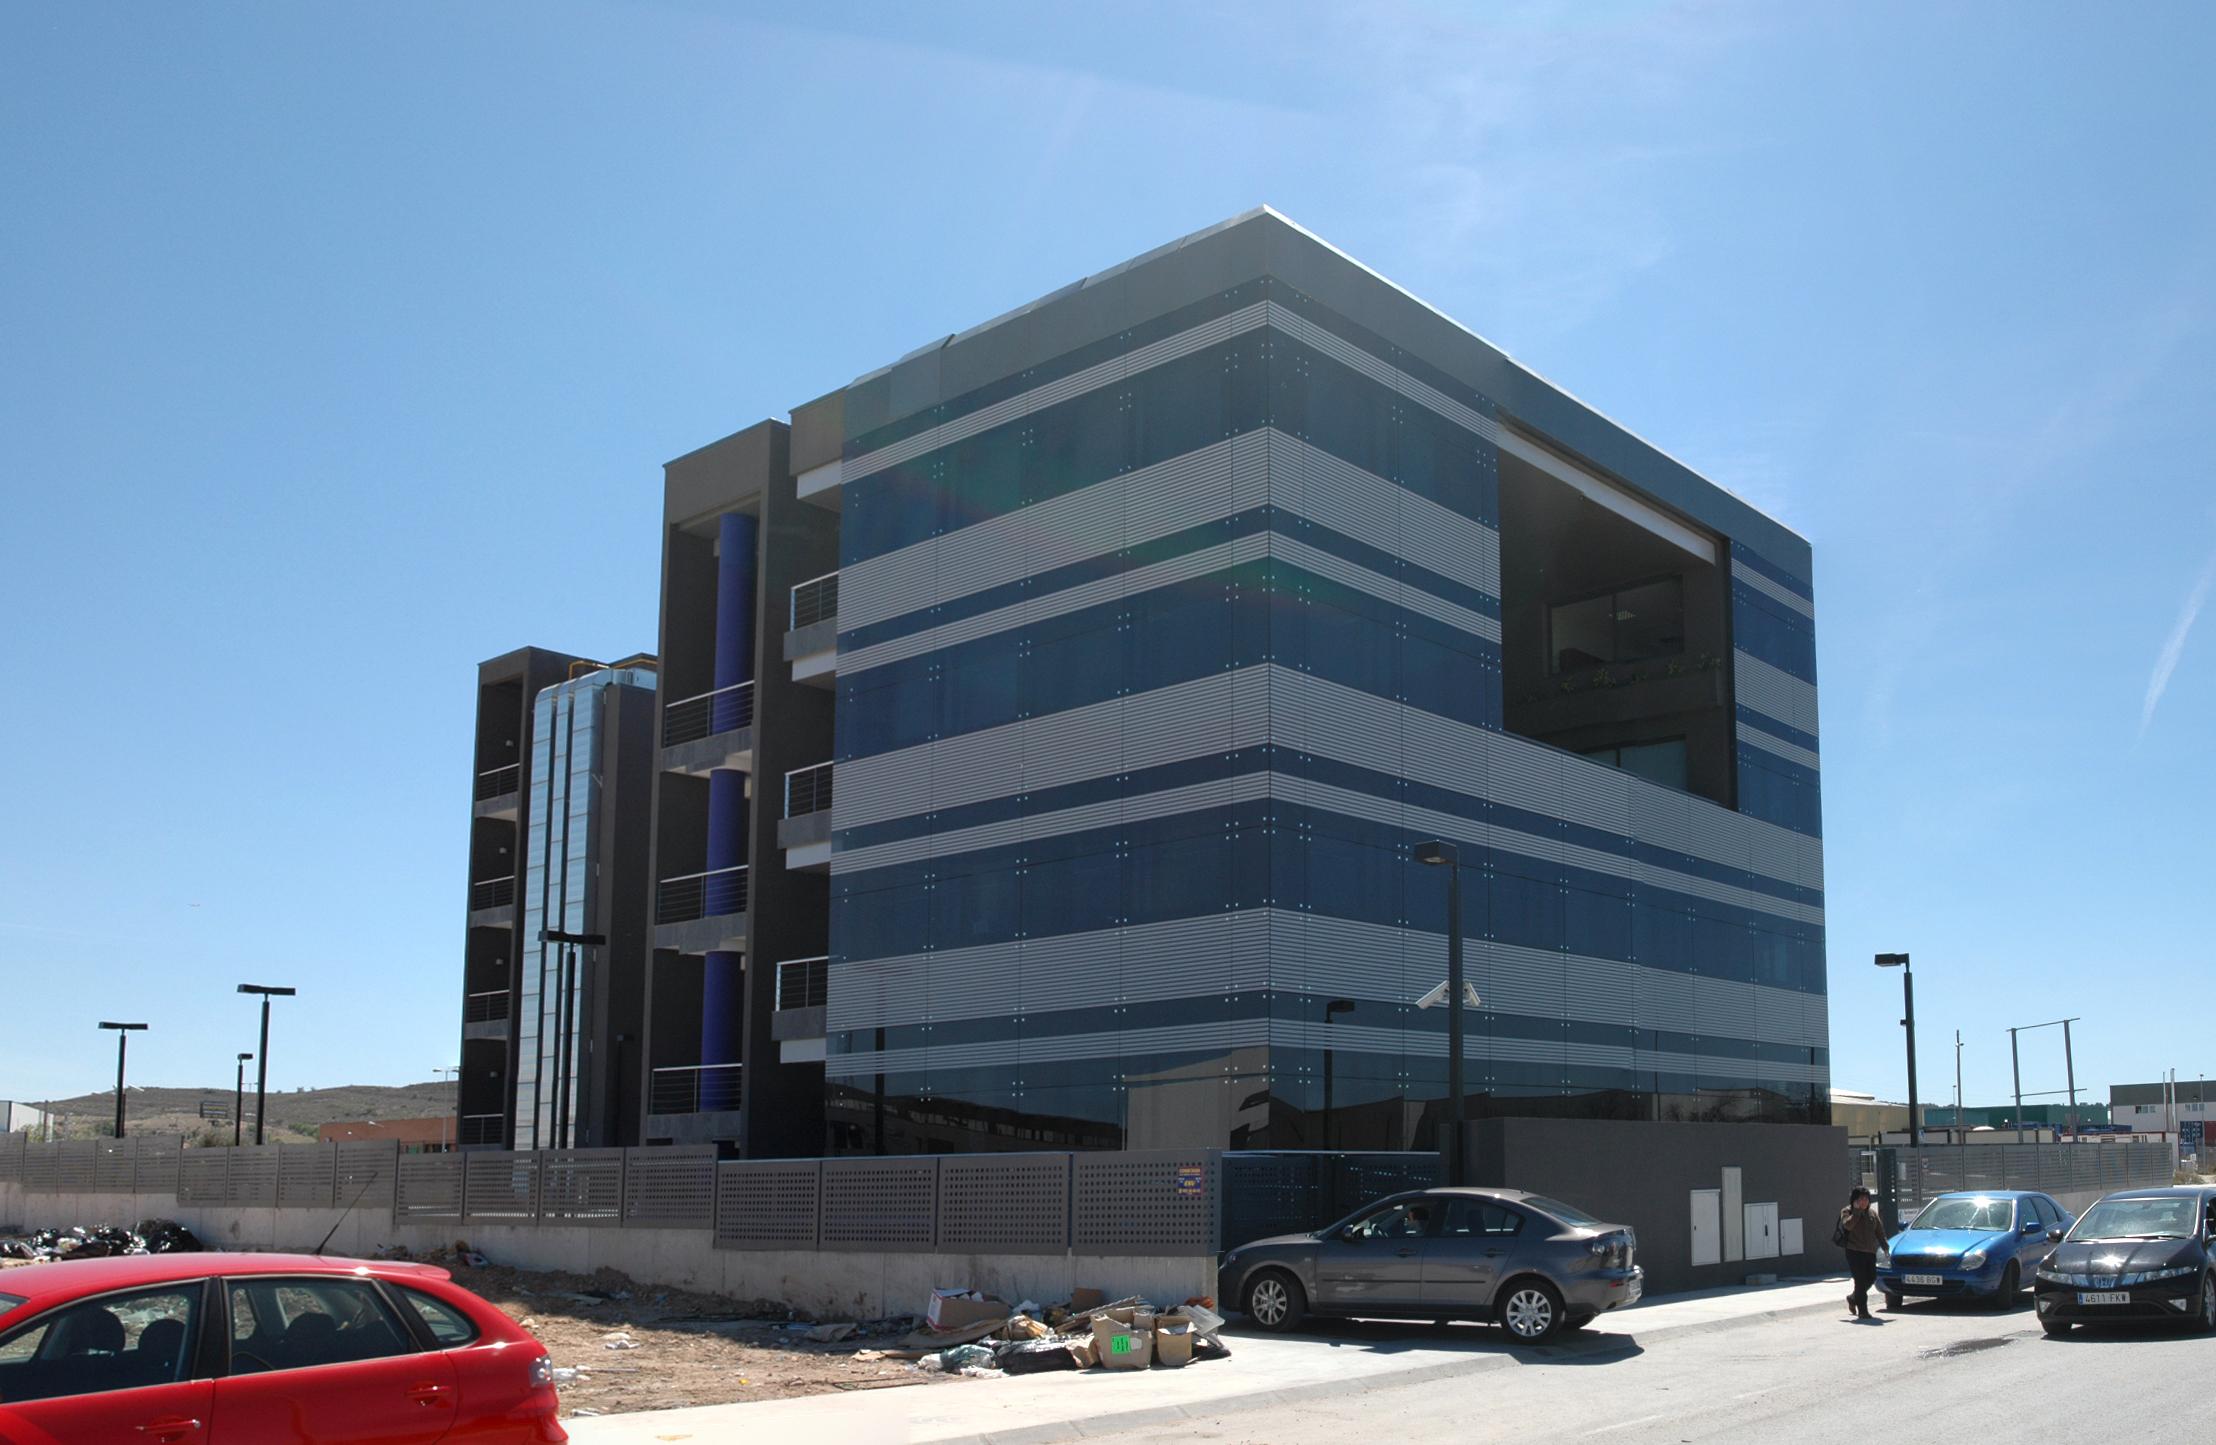 Edificio de oficinas para multinacional en arganda laz for Edificio oficinas